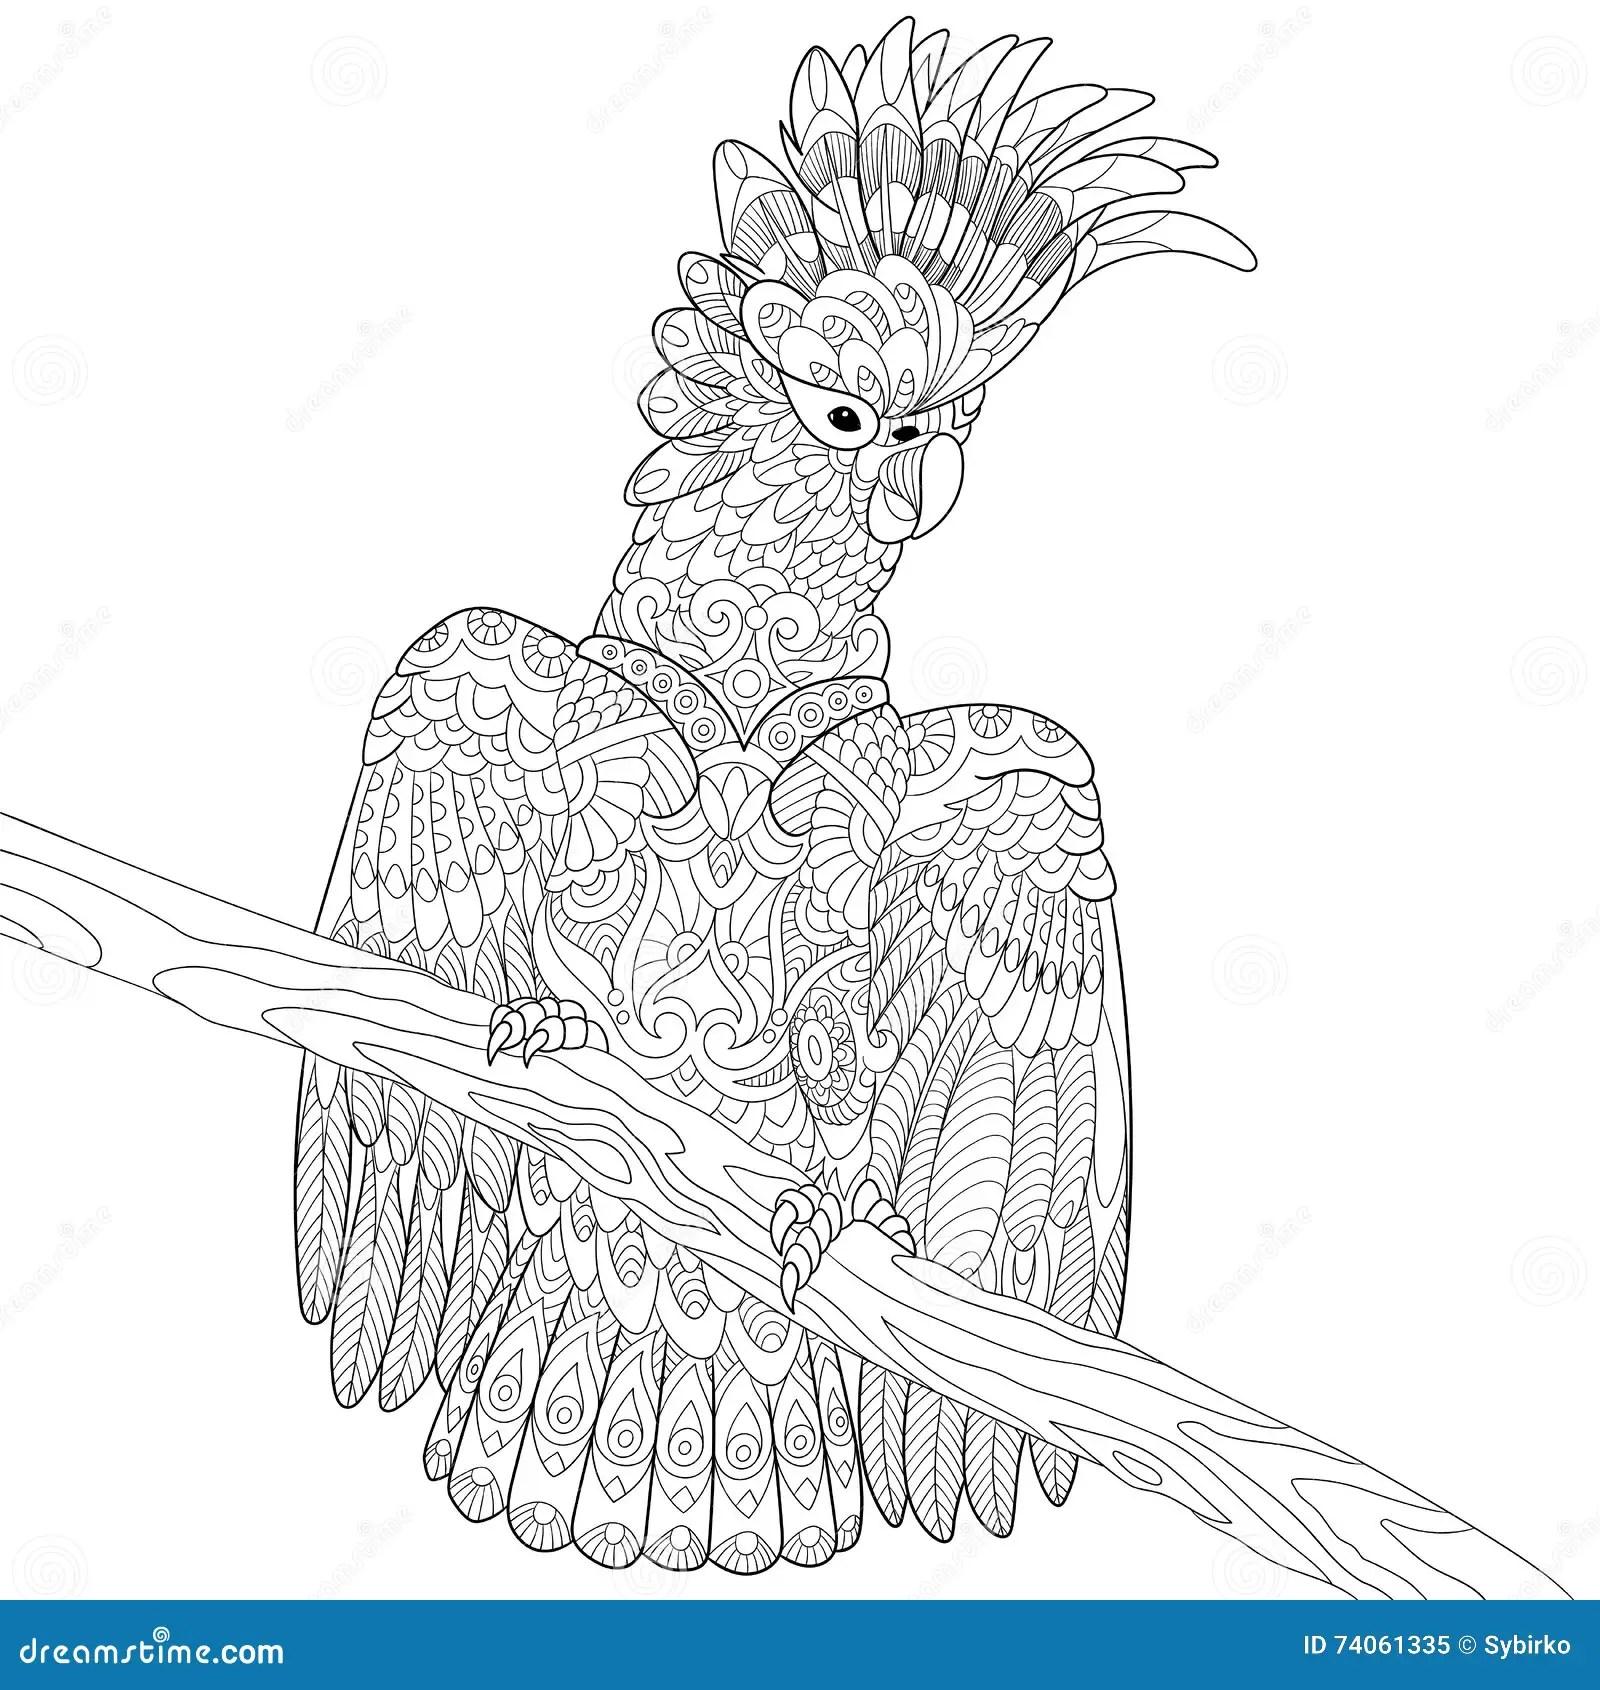 Zentangle Stylized Cockatoo Parrot Cartoon Vector